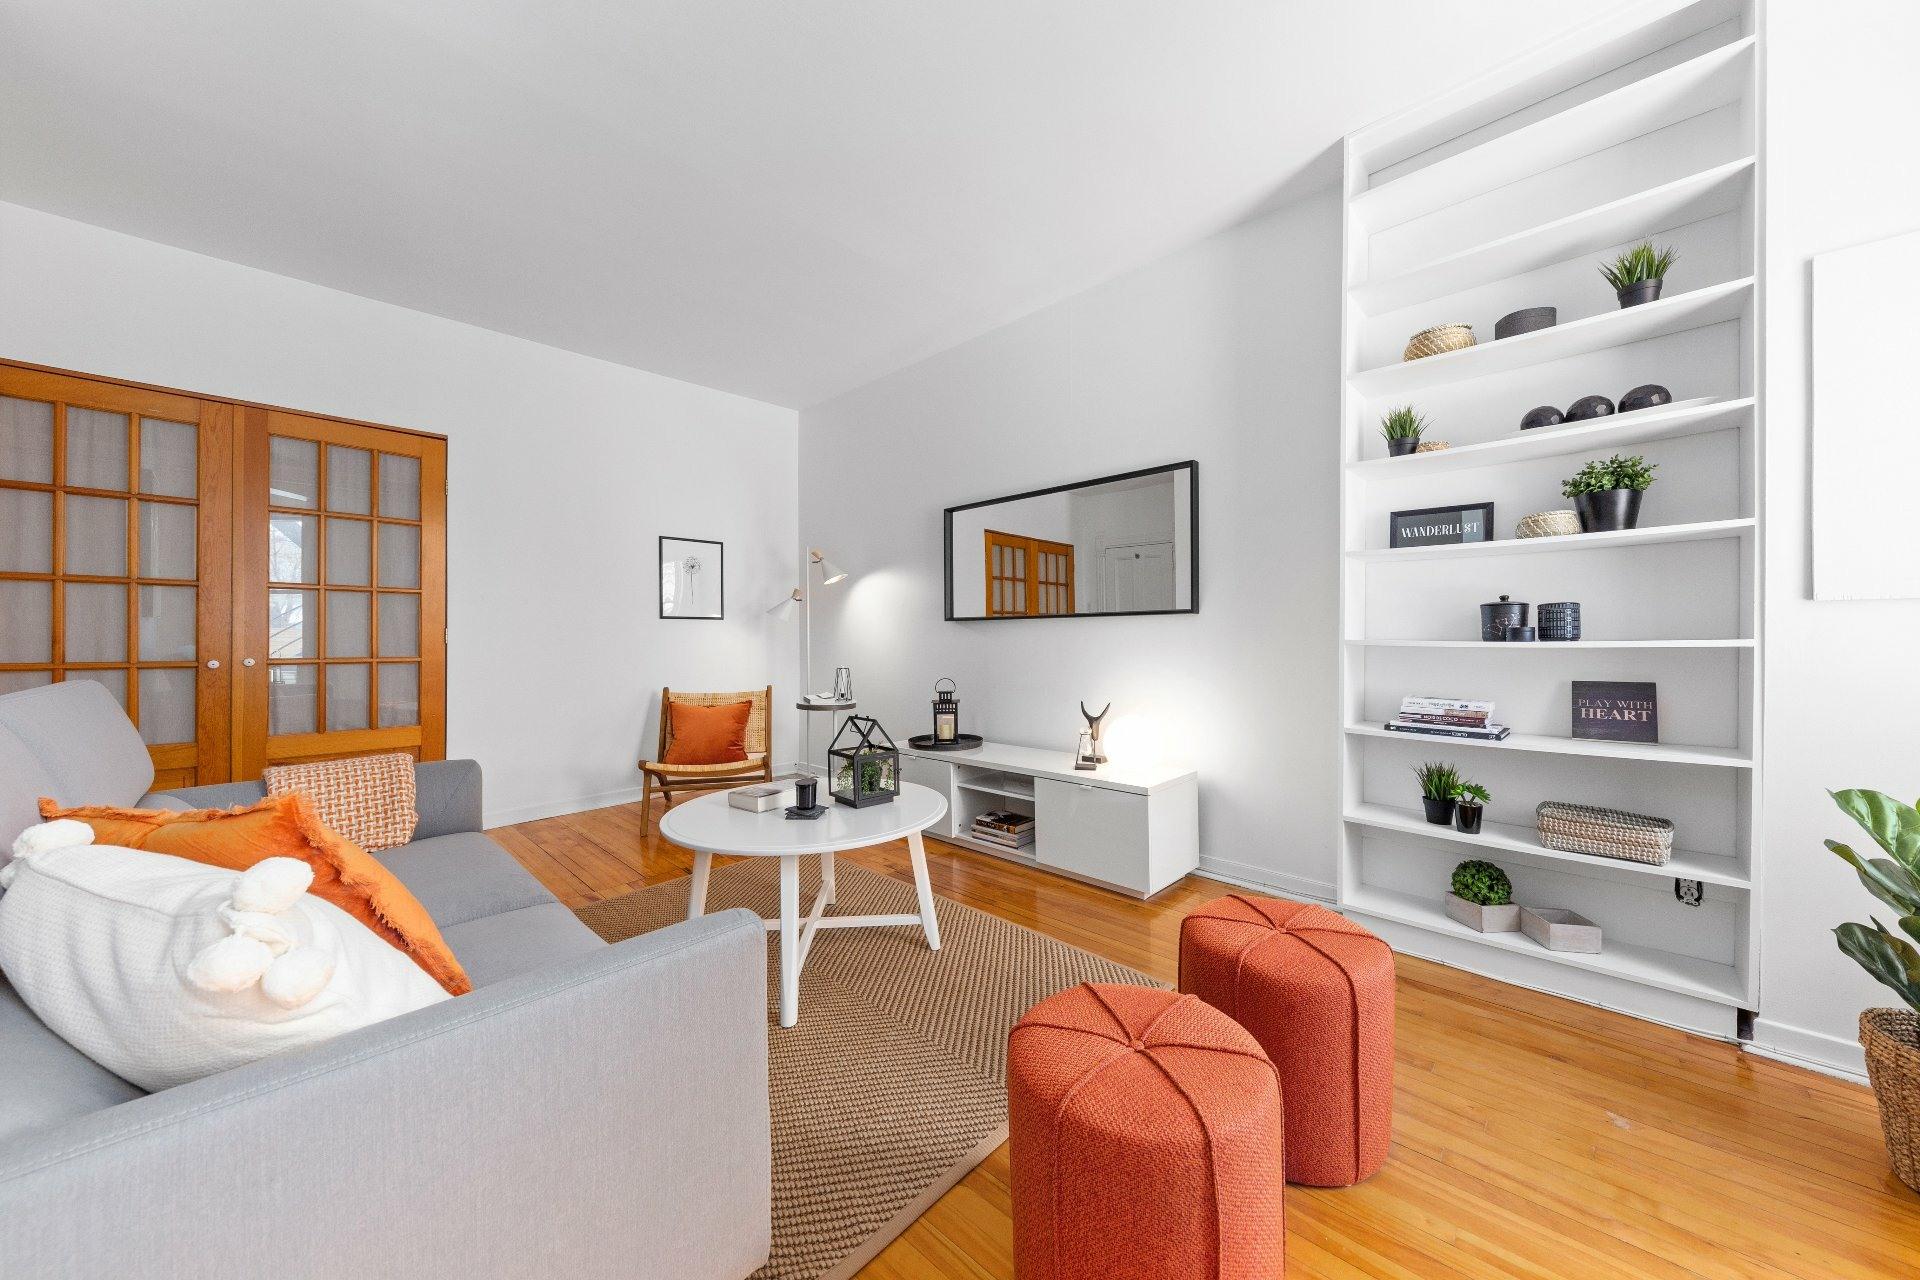 image 12 - Maison À vendre Le Plateau-Mont-Royal Montréal  - 10 pièces